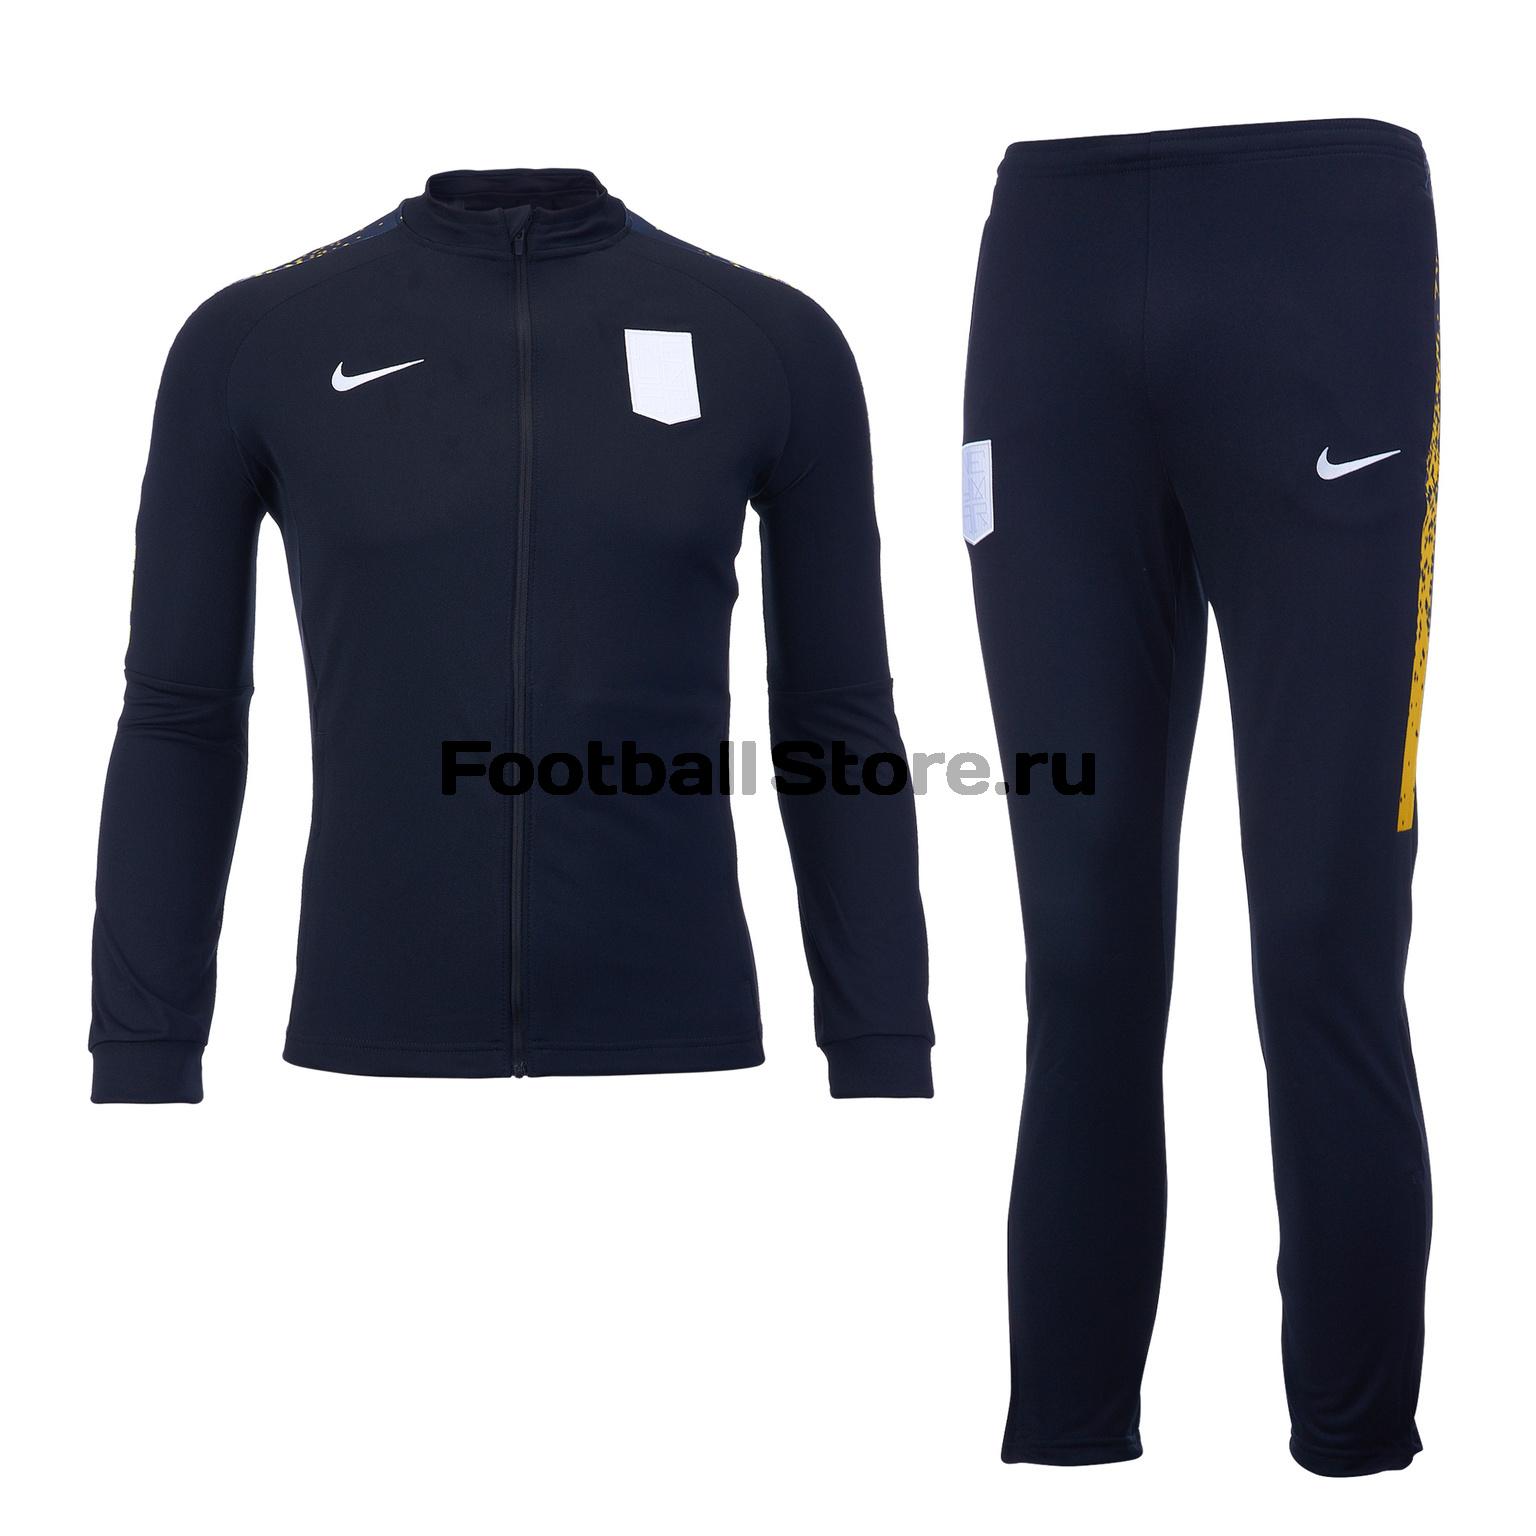 Костюм подростковый Nike Neymar 925120-010 одежда для гольфа nike 639790 101 010 089 639790